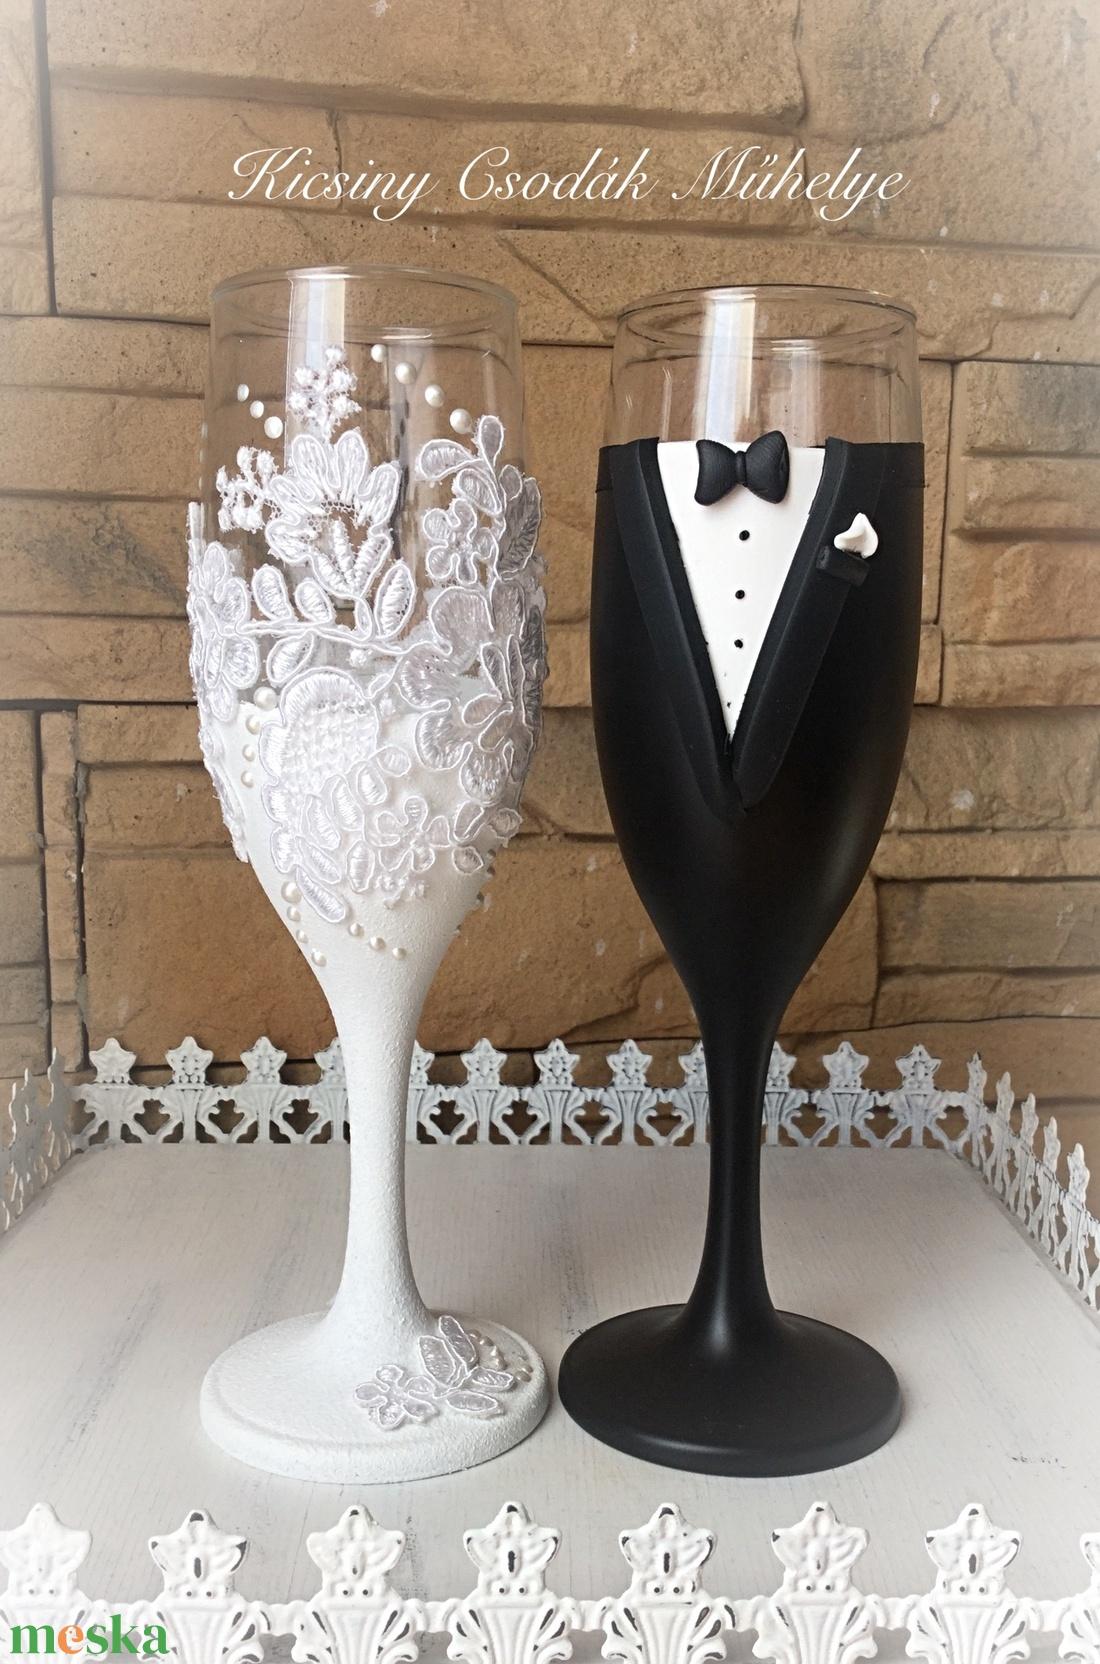 Szerelem esküvői pohár pár (KicsinyCsodak) - Meska.hu